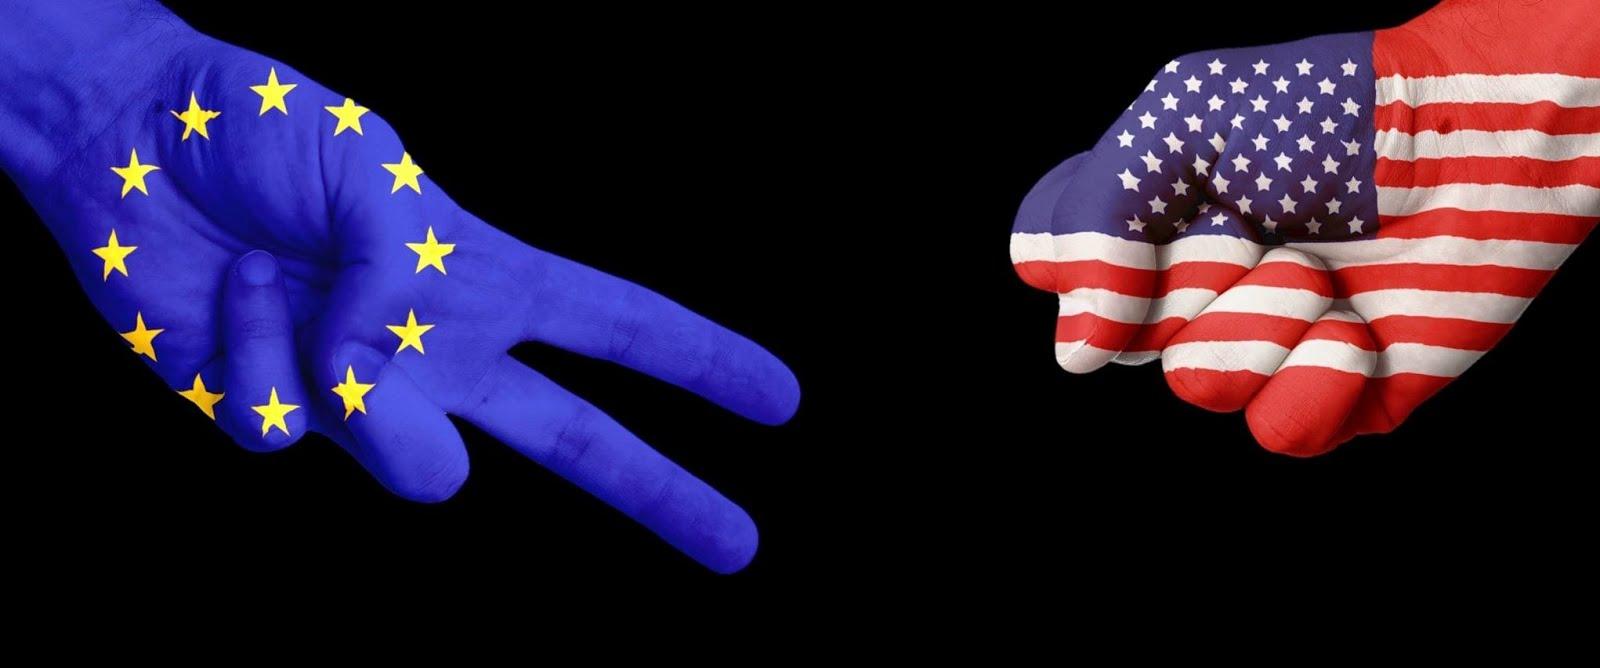 A venir : USA vs Europe